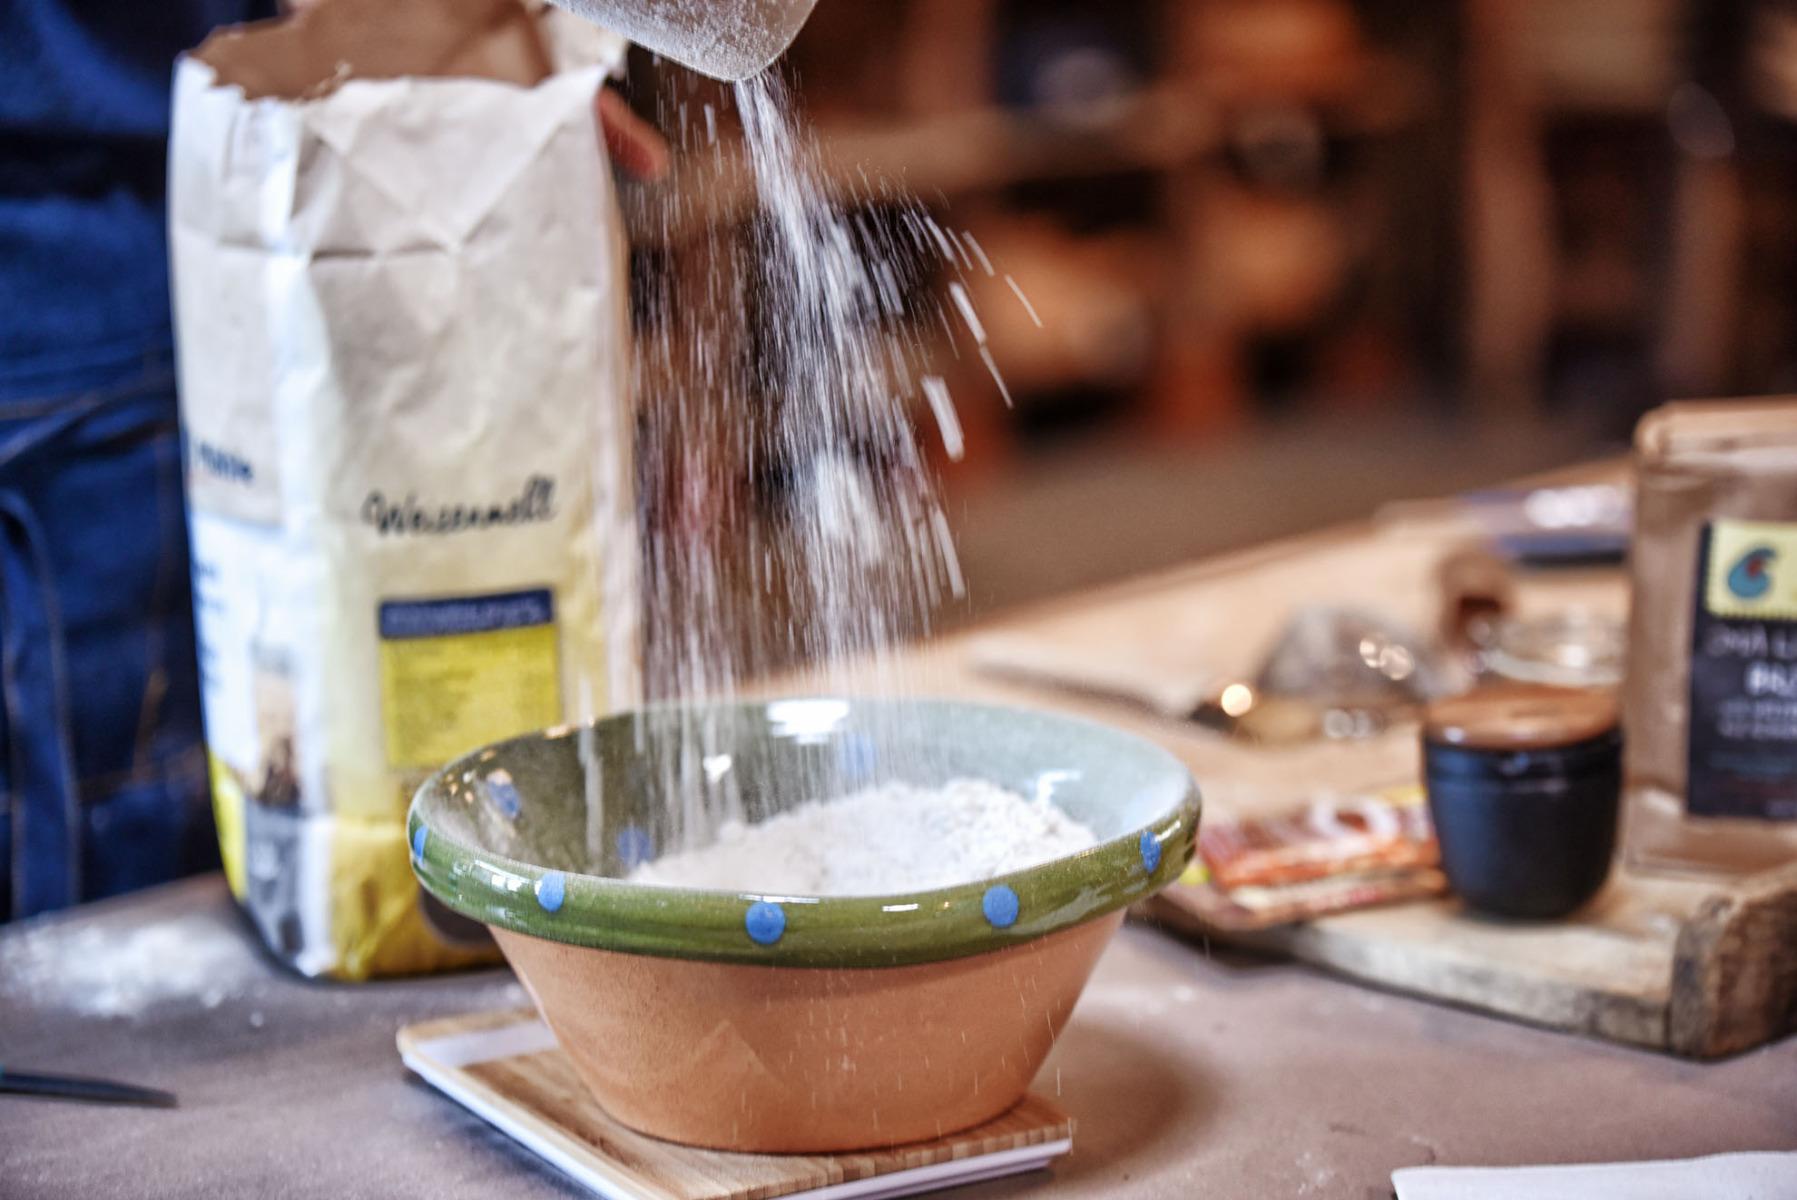 Mehl in Schüssel